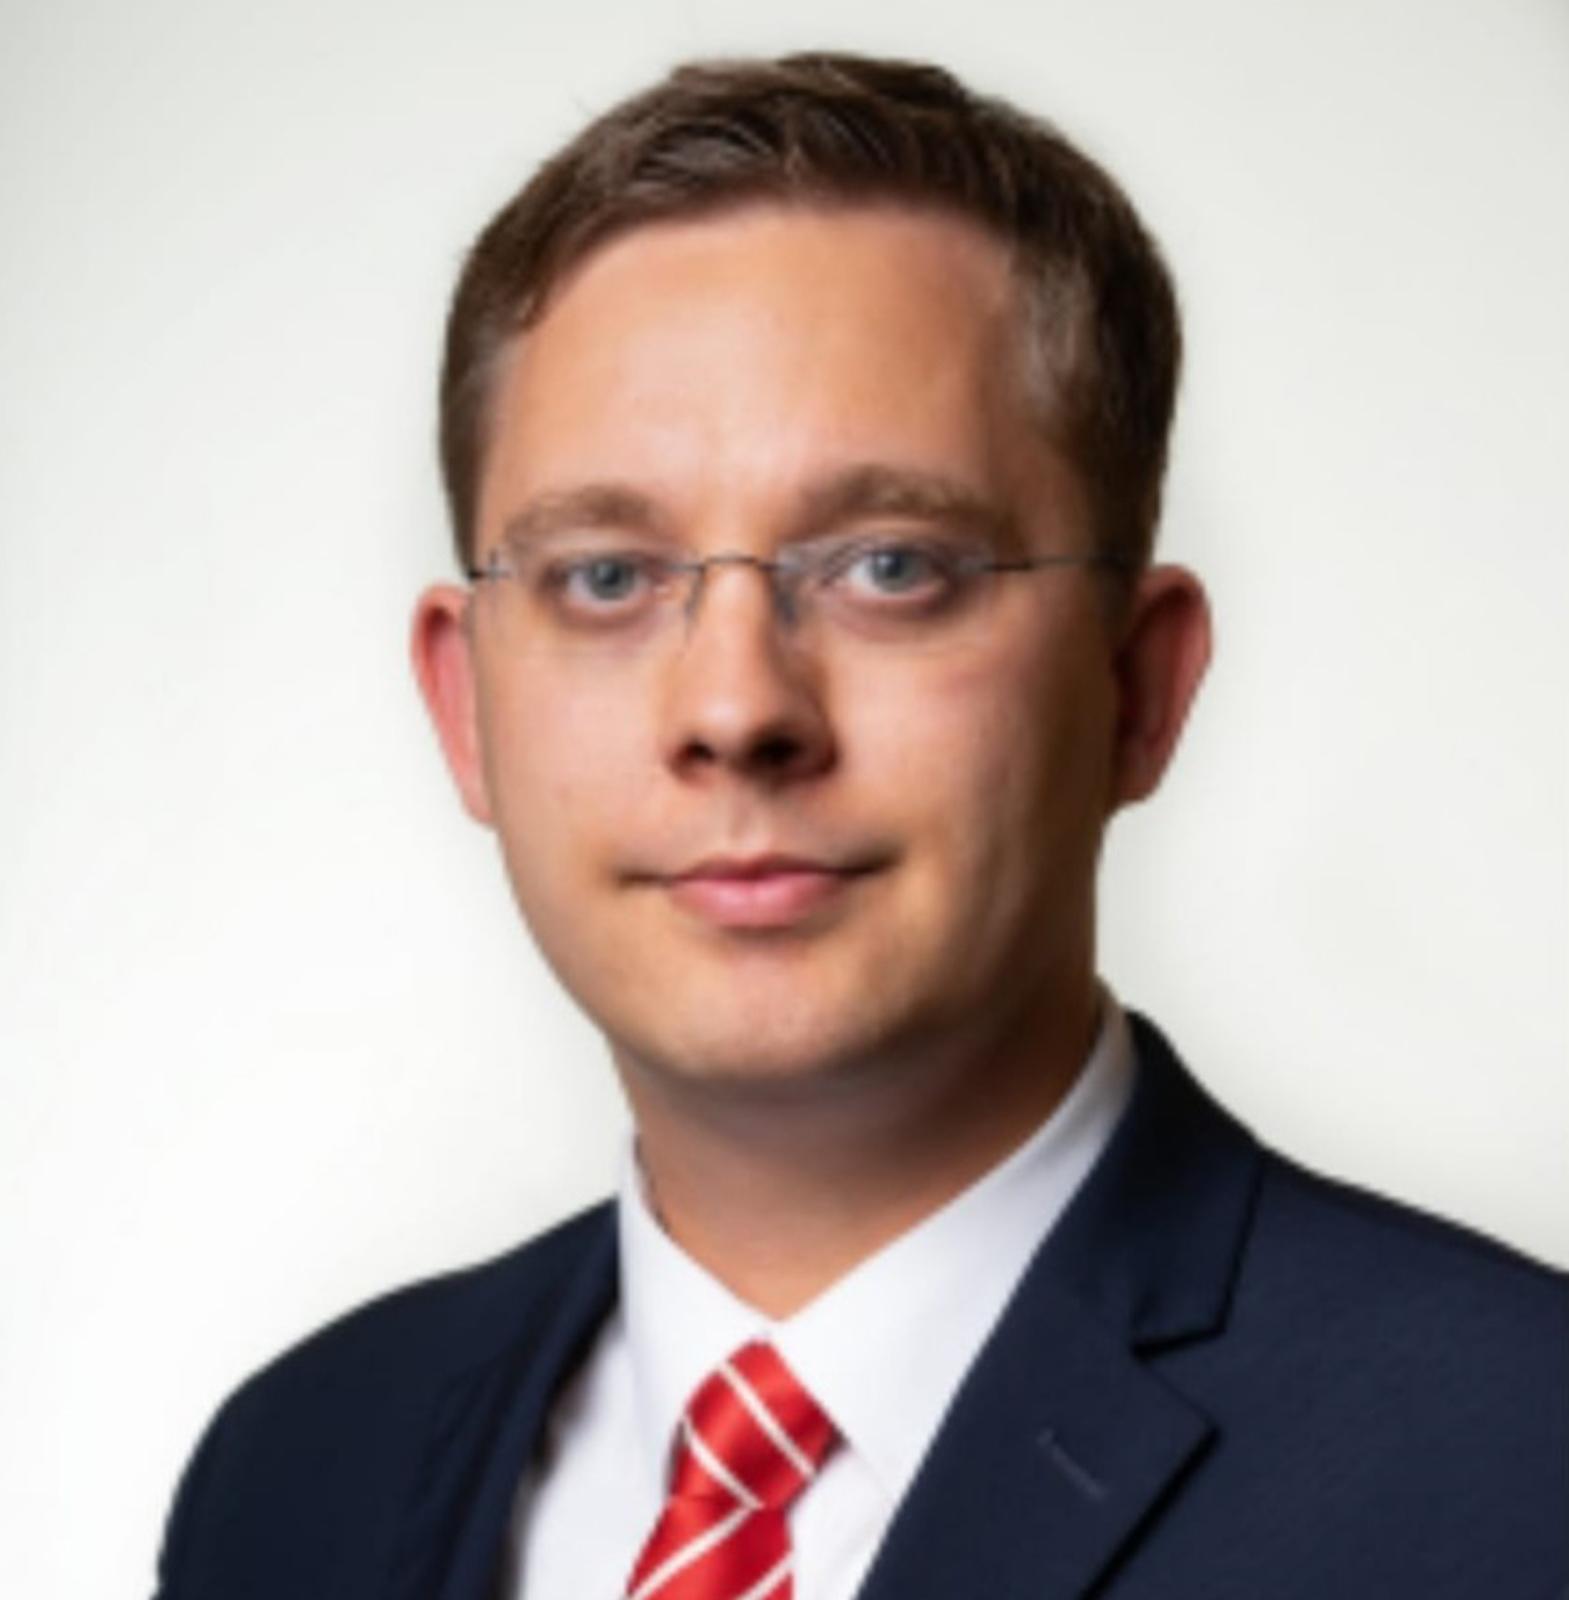 Manuel Hahn